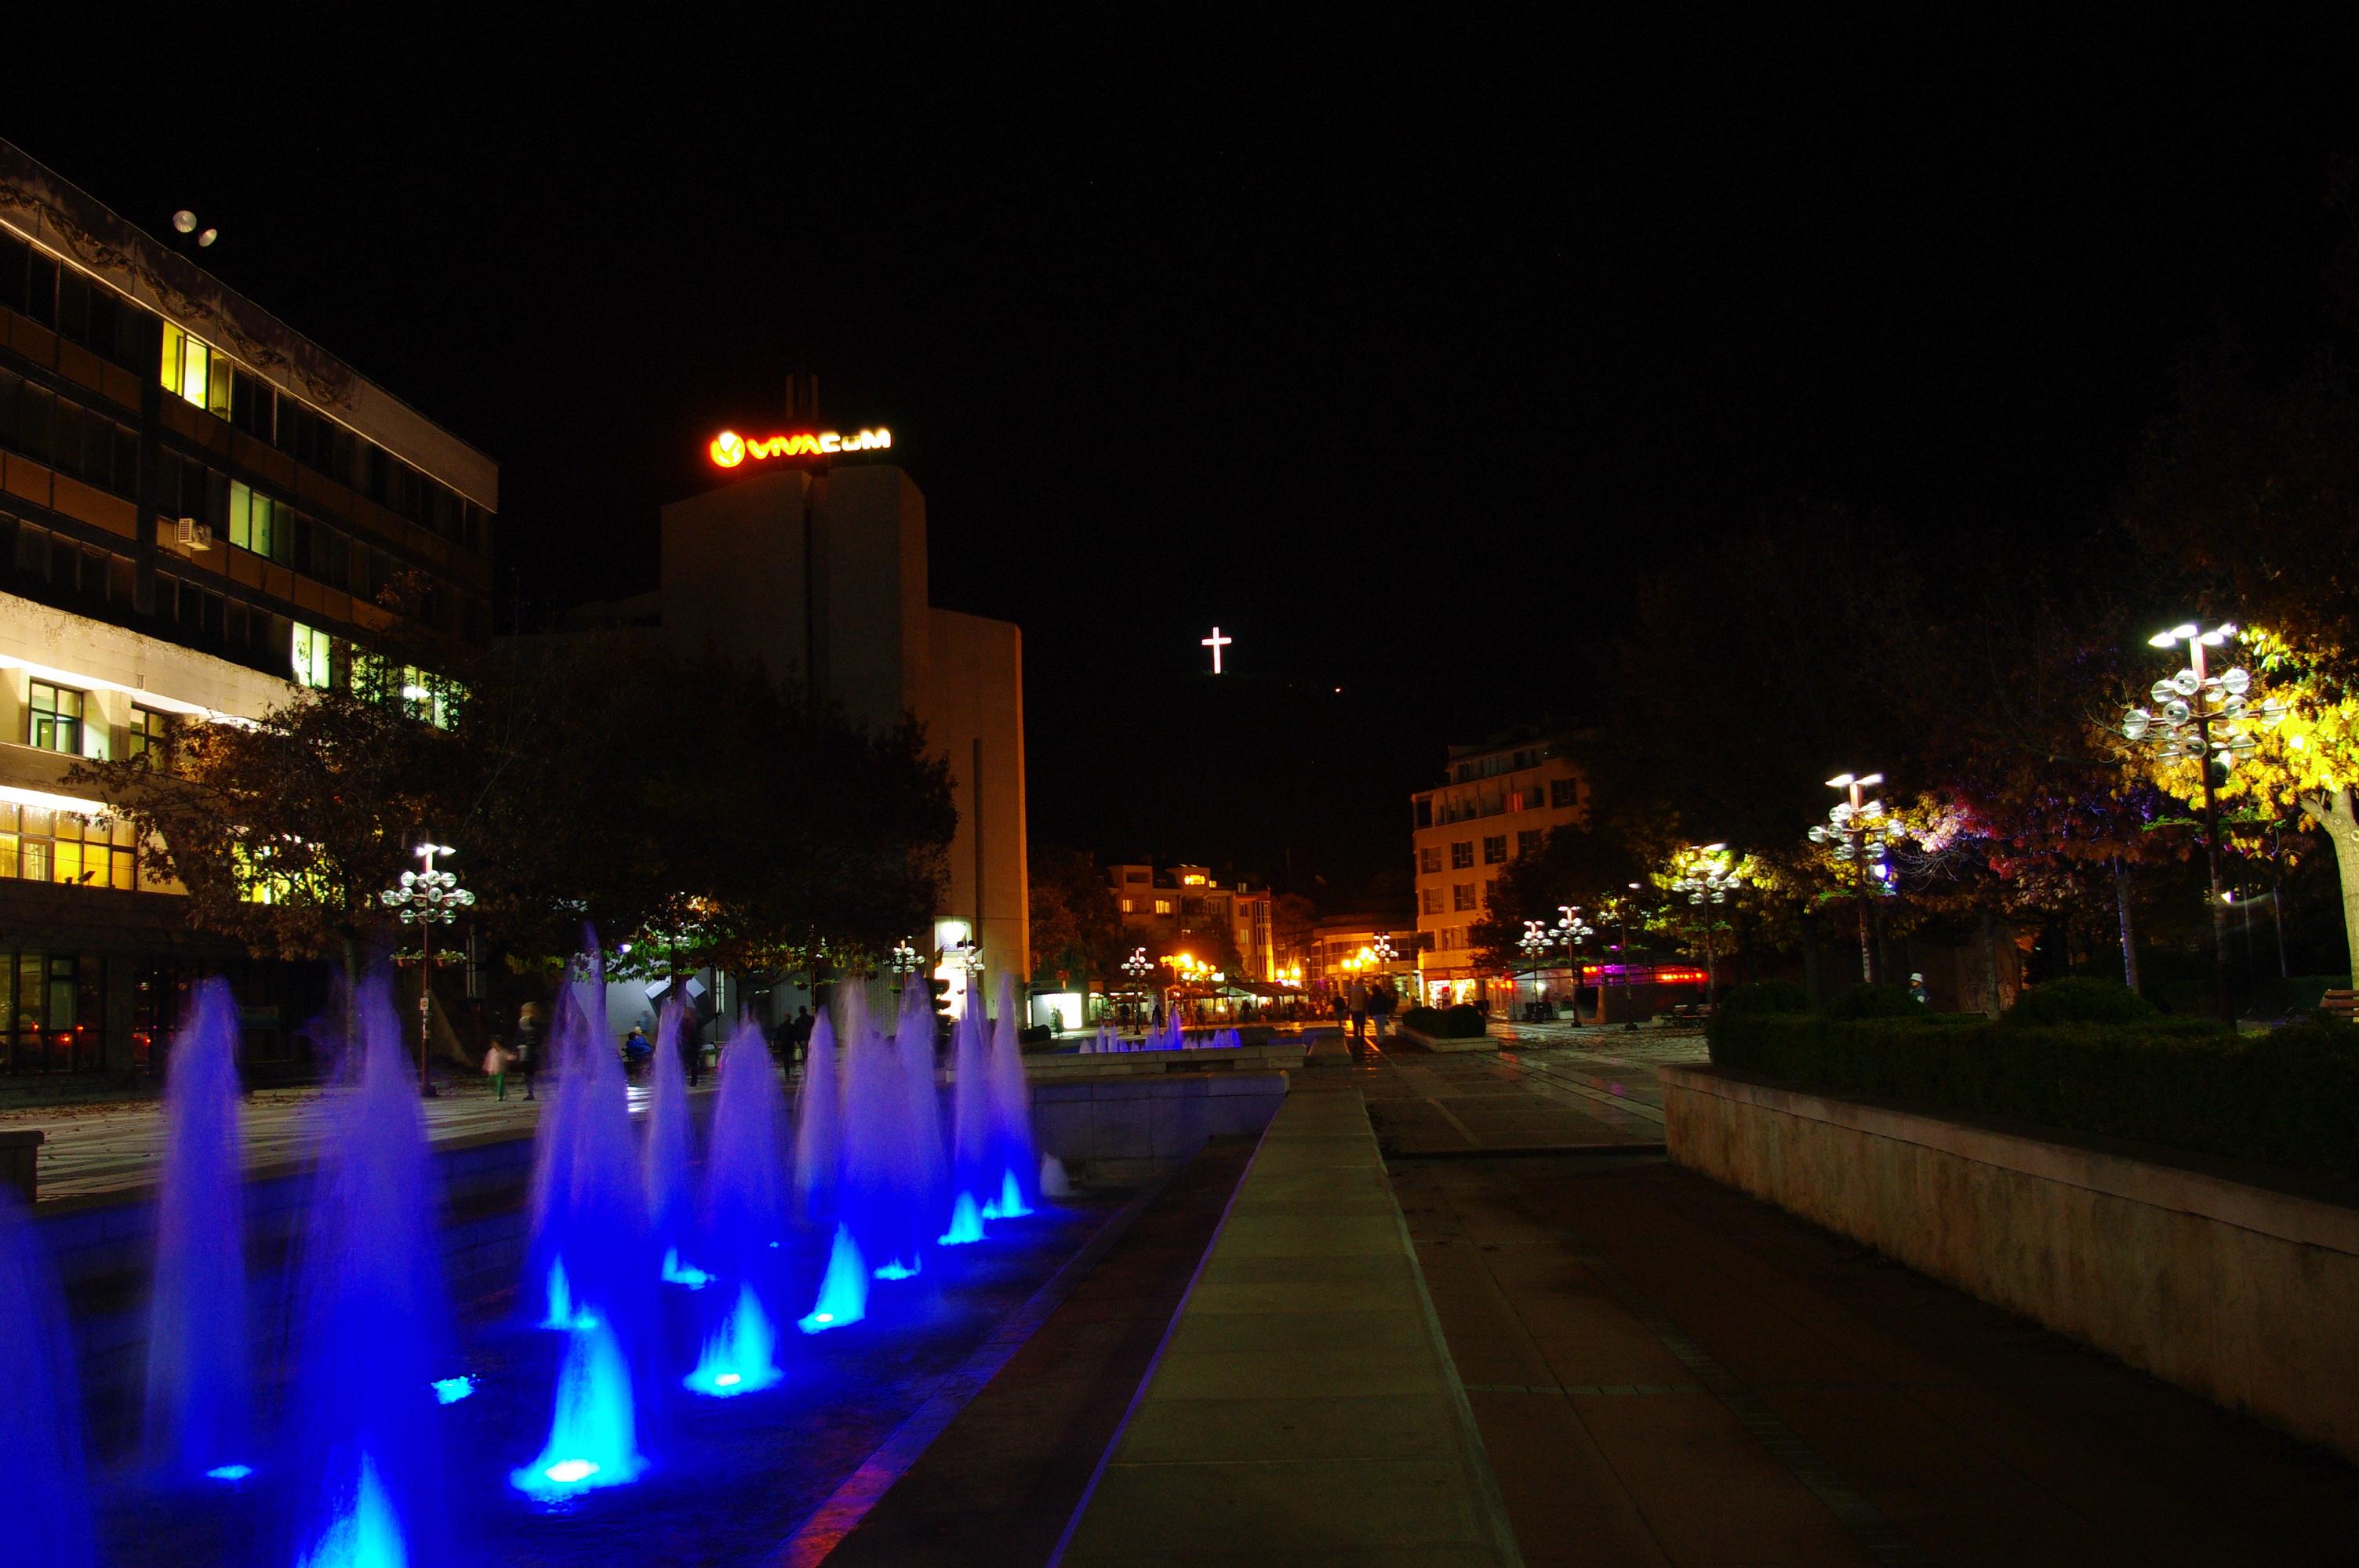 Централна градска част на Благоевград, ОБЩИНА БЛАГОЕВГРАД нощна снимка